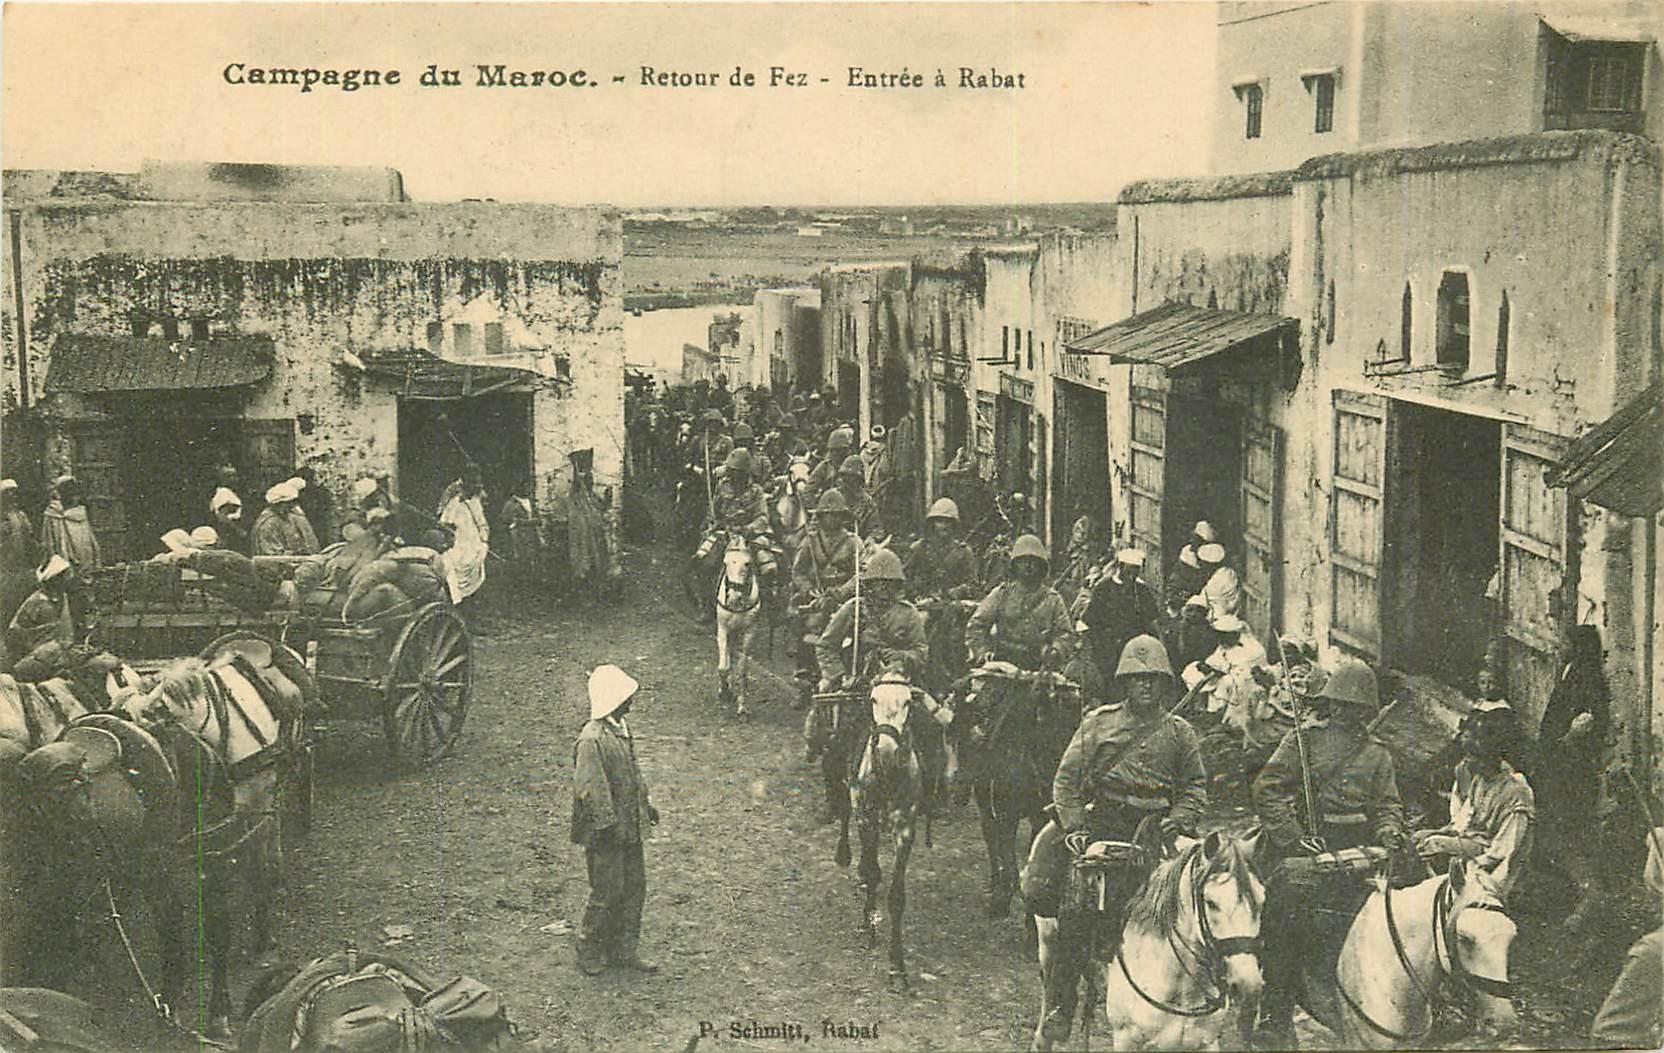 WW CAMPAGNE DU MAROC 1912. Entrée à Rabat au Retour de Fez